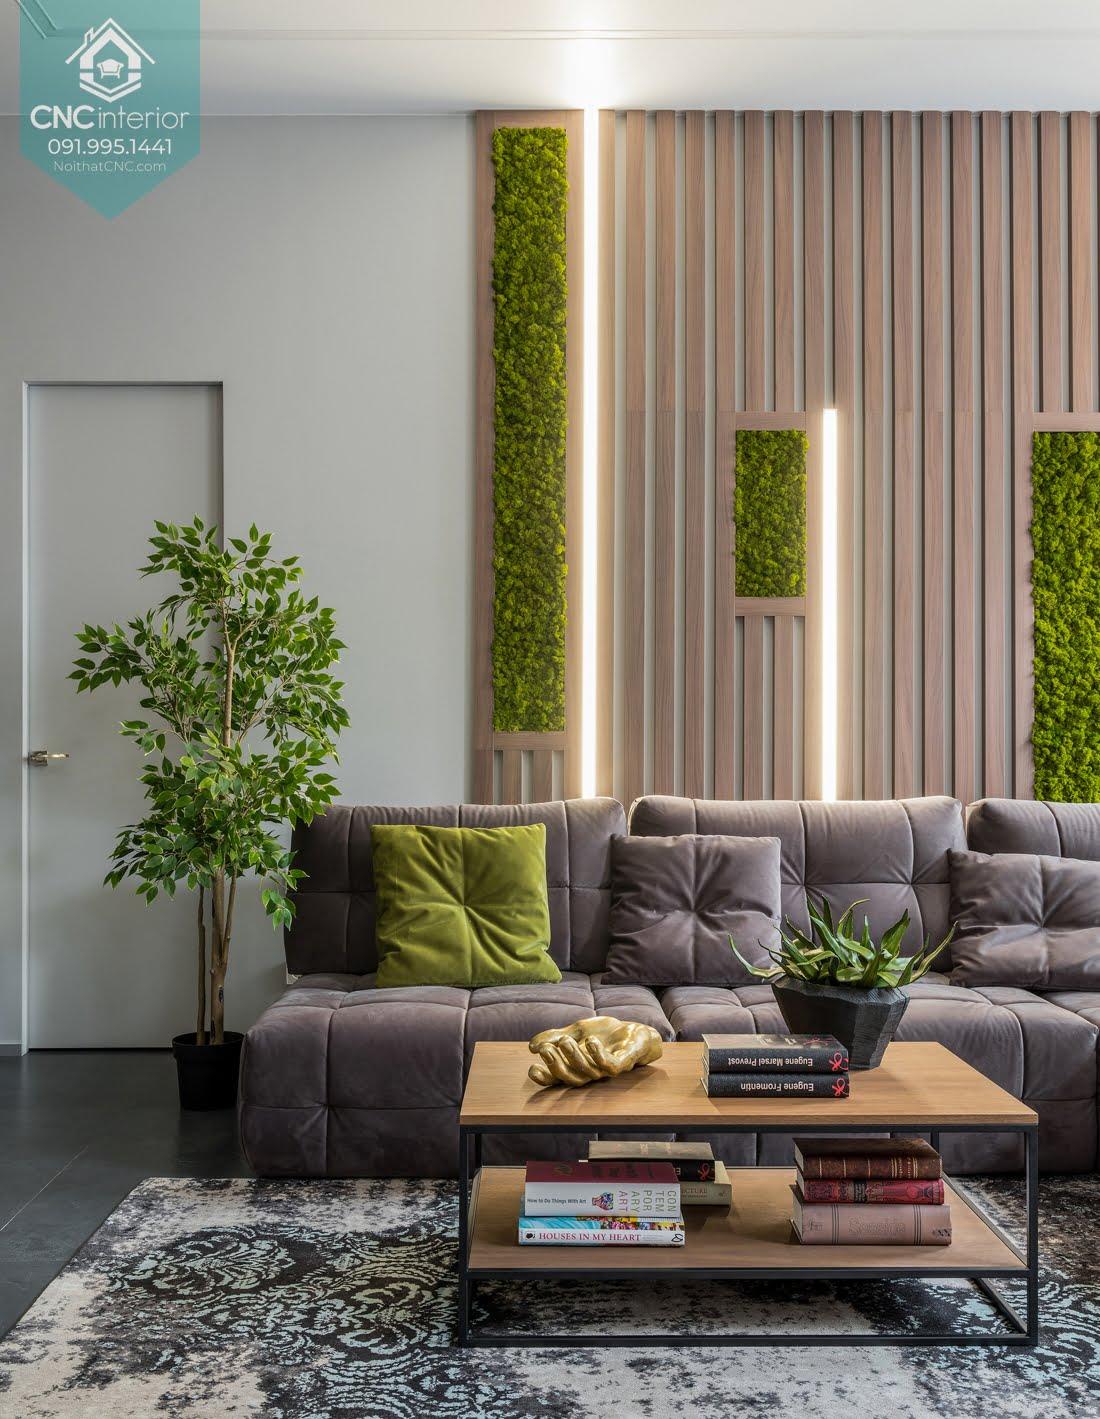 Mẫu gố ốp tường phòng khách bằng gỗ kết hợp với trang trí cây xanh cho không gian thân thiện